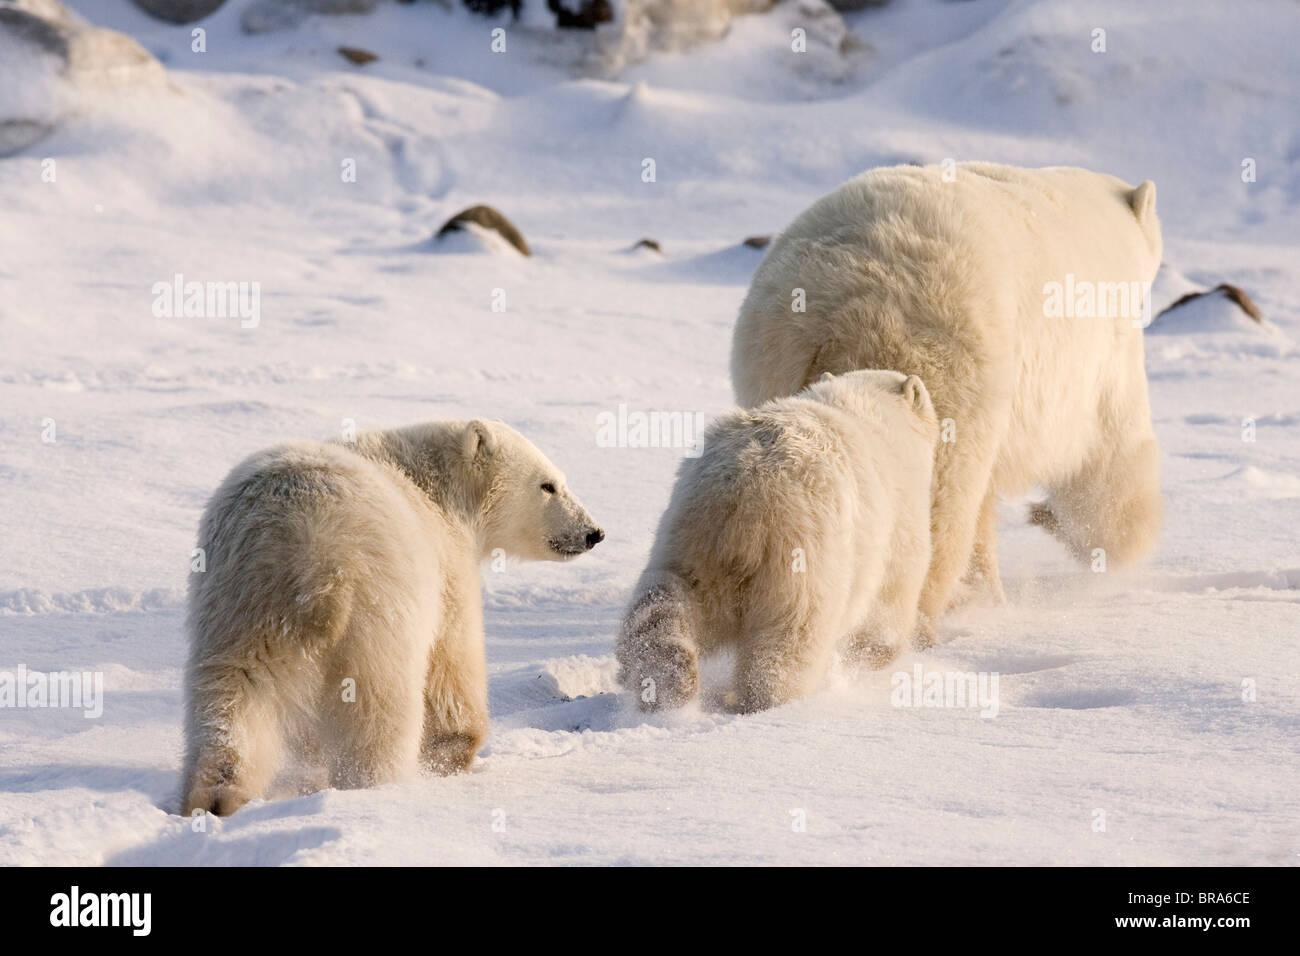 Canada, Manitoba, Baia di Hudson, Churchill. Due polar bear cubs seguire la madre attraverso il paesaggio innevato. Immagini Stock